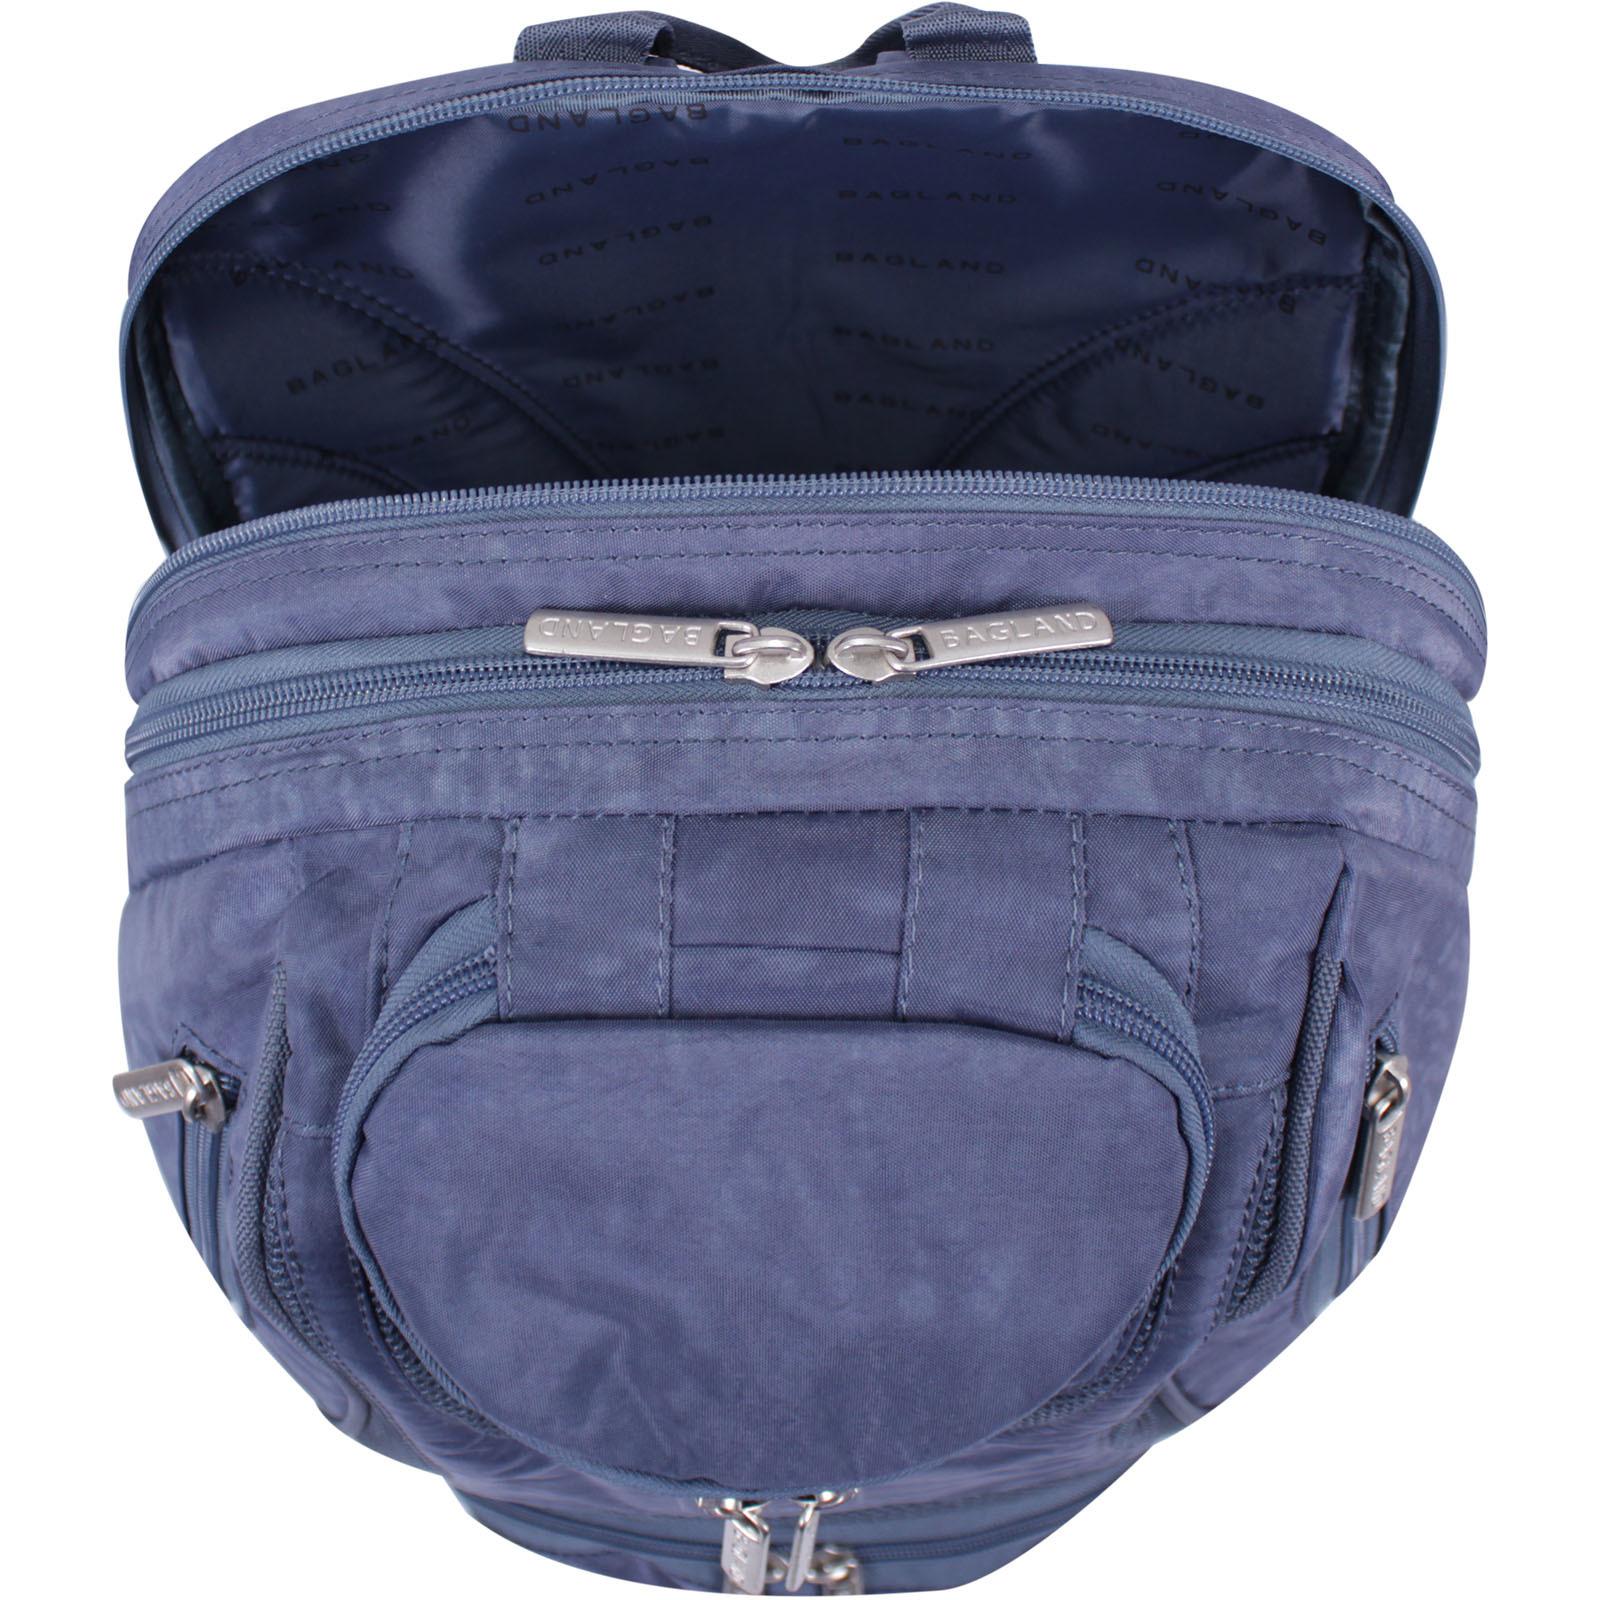 Рюкзак Bagland Объемный 35 л. Темно серый (0014670) фото 7